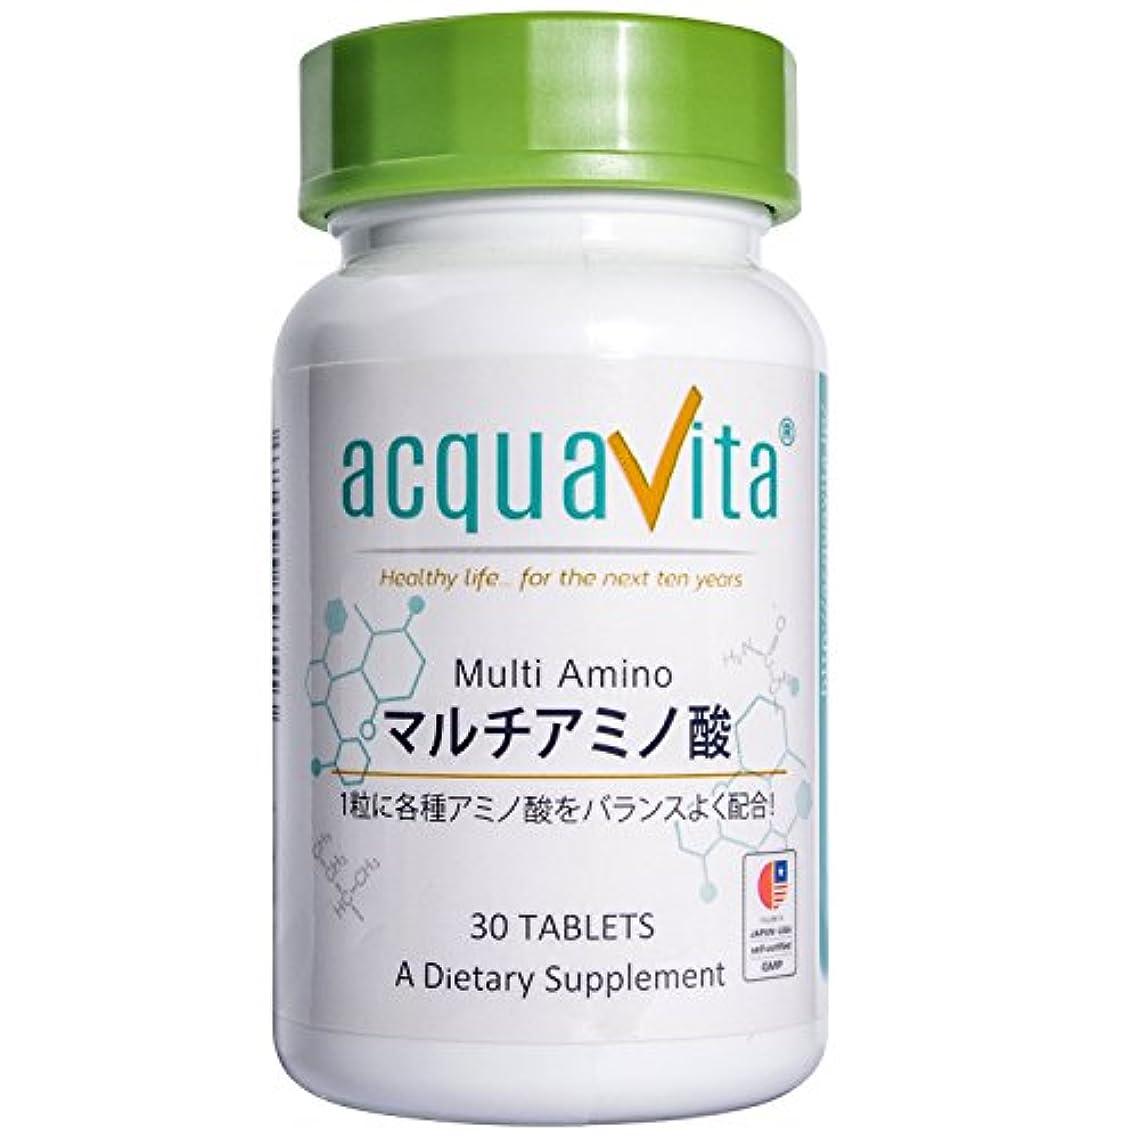 振るう風景慈悲深いacquavita(アクアヴィータ) マルチアミノ酸 30粒